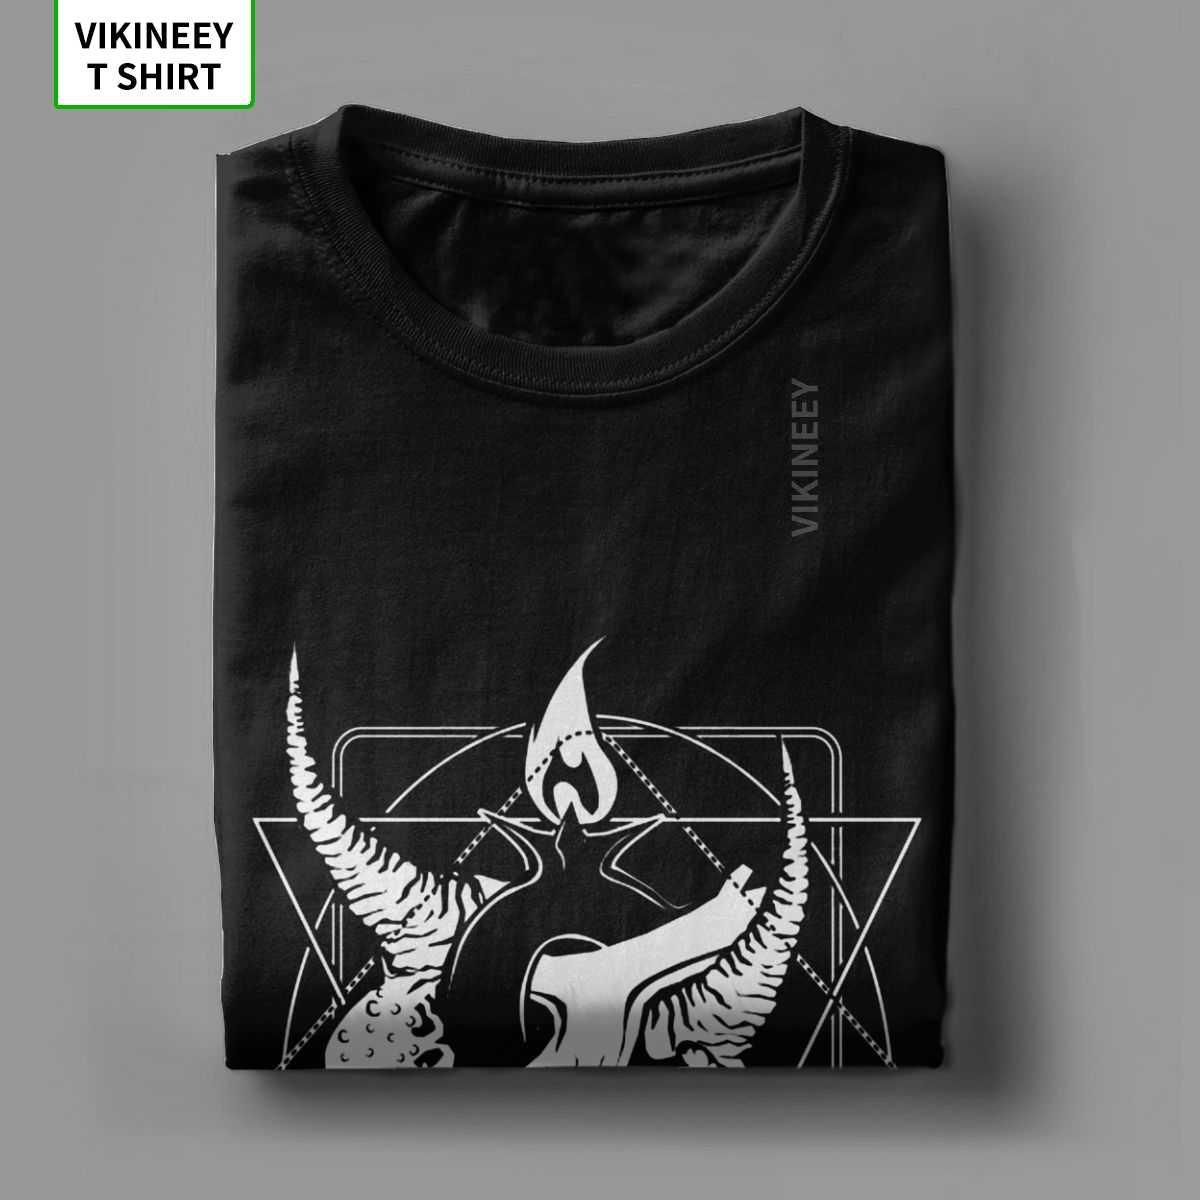 Uomini Baphoheart Satana Ti Ama T Camicia Satanico Dark Devil Inferno Demone Del Cranio Del Cotone Divertente Personalizza Magliette Nuovo Arrivo T-Shirt